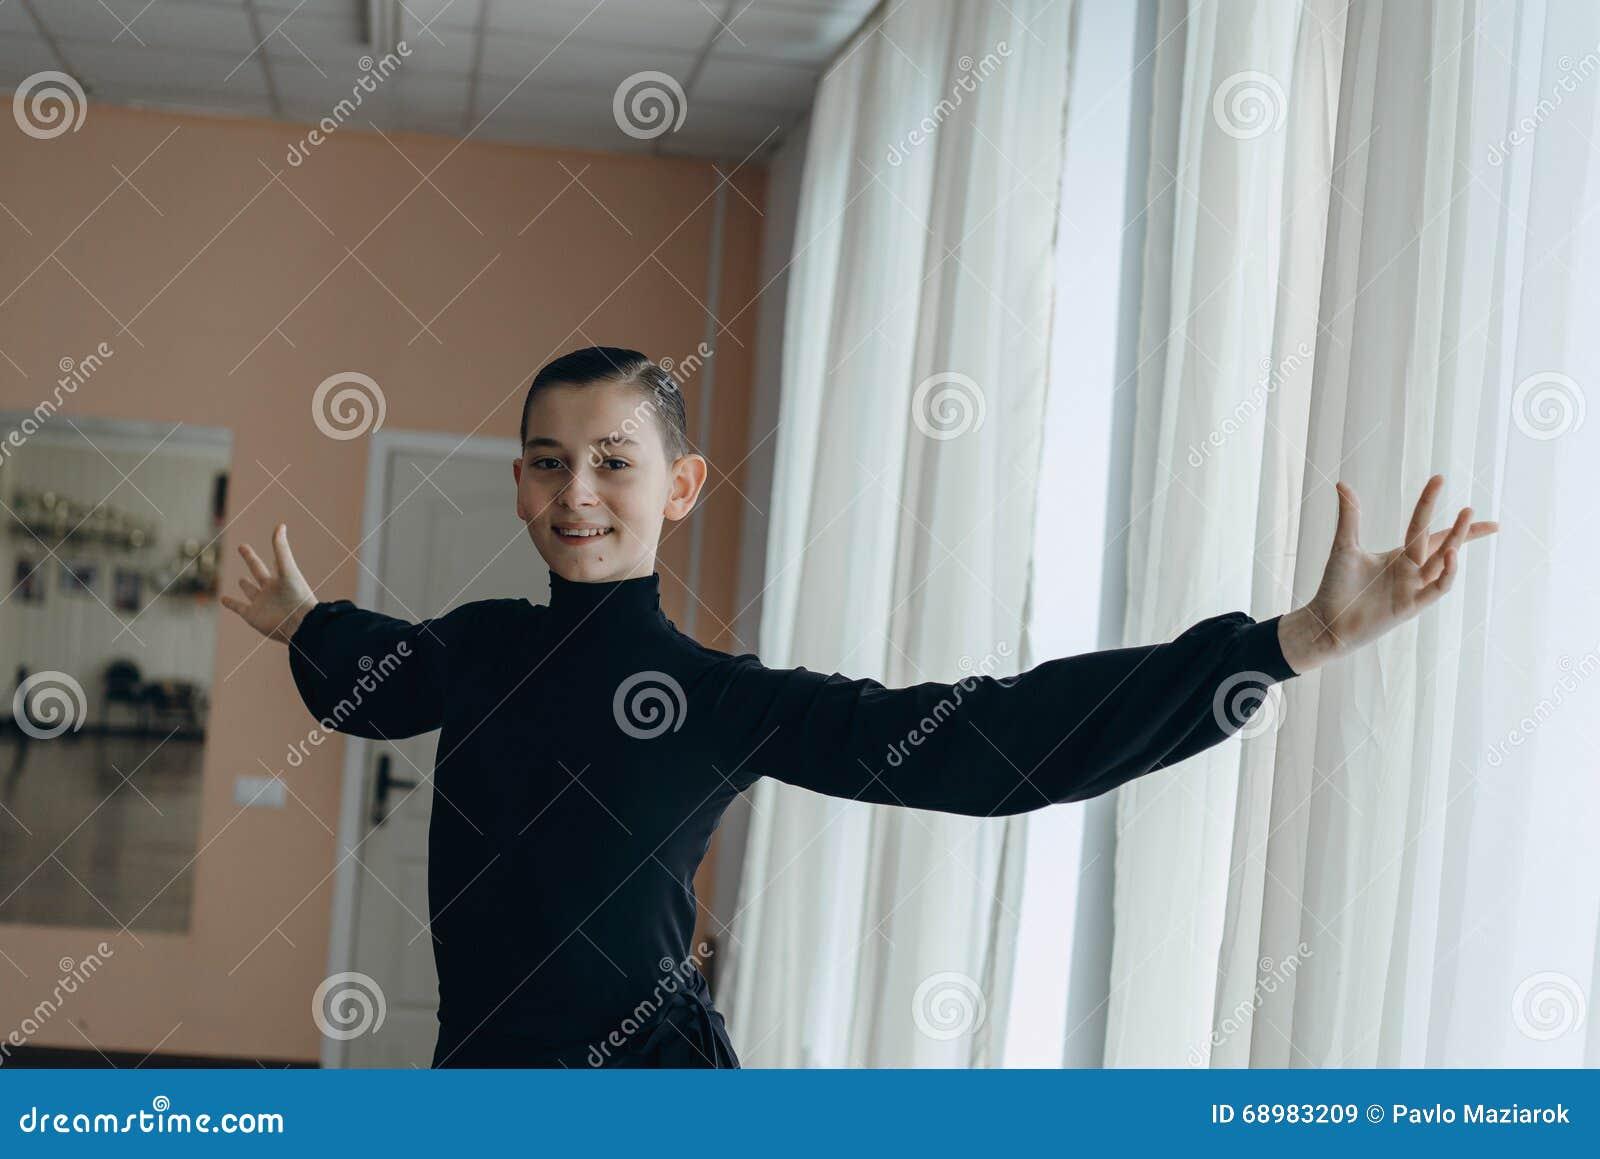 Retrato de un muchacho joven que se contrata al baile